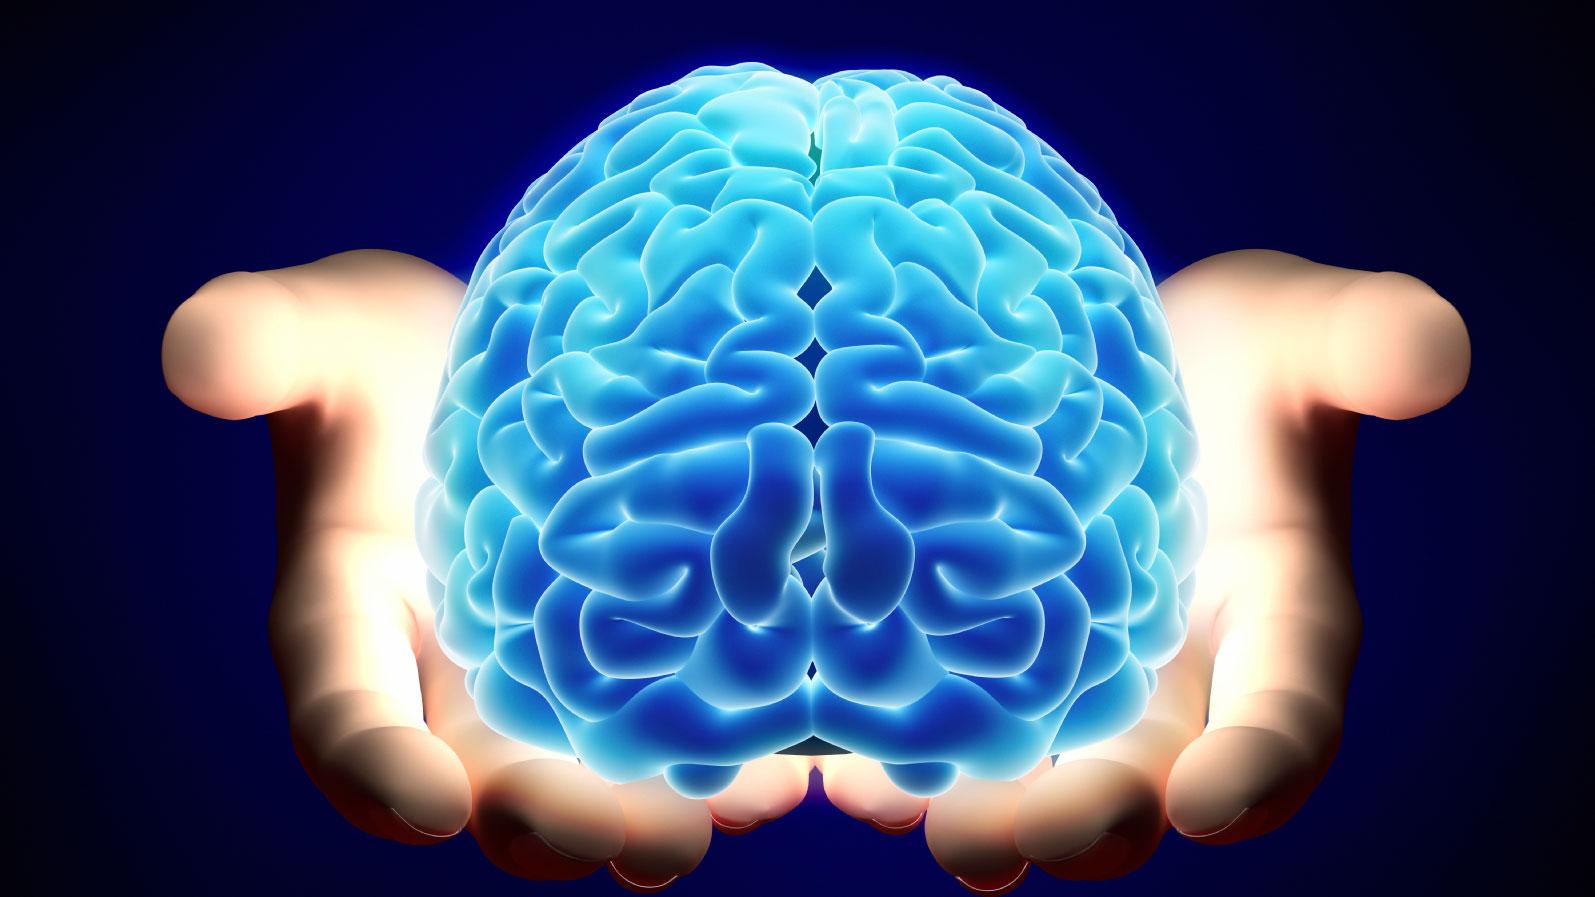 cerebro imagem 2